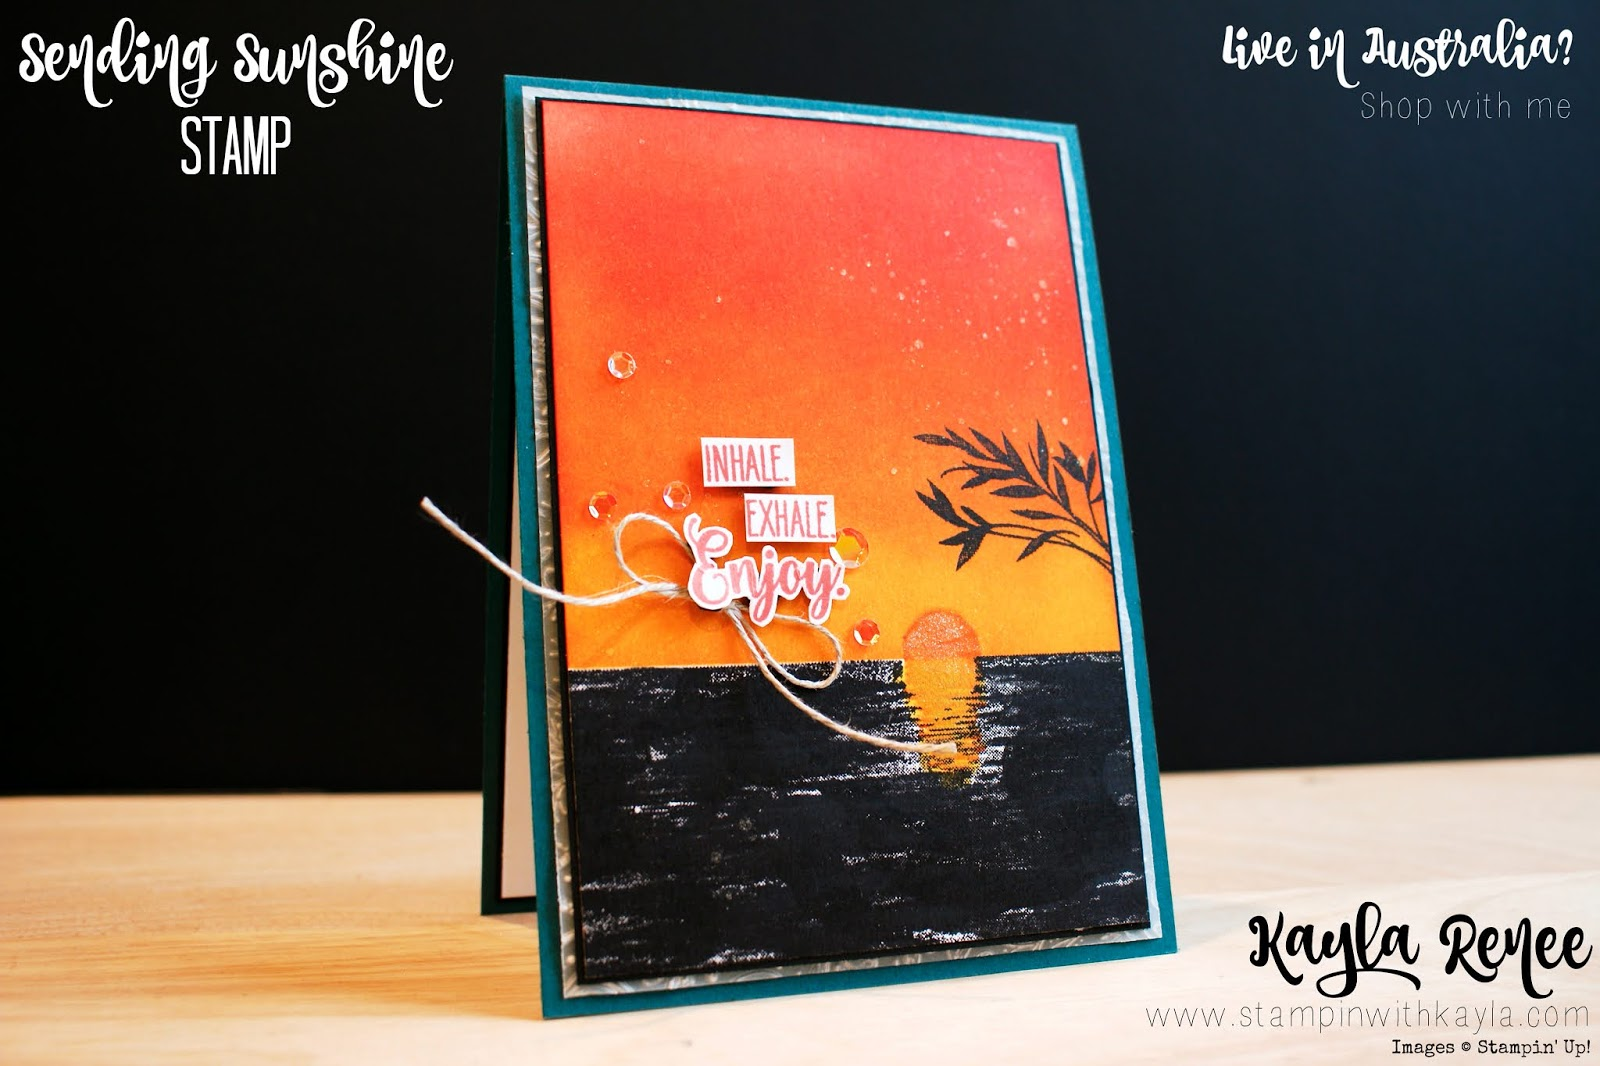 Stampin' Up! Sending Sunshine ~ Card